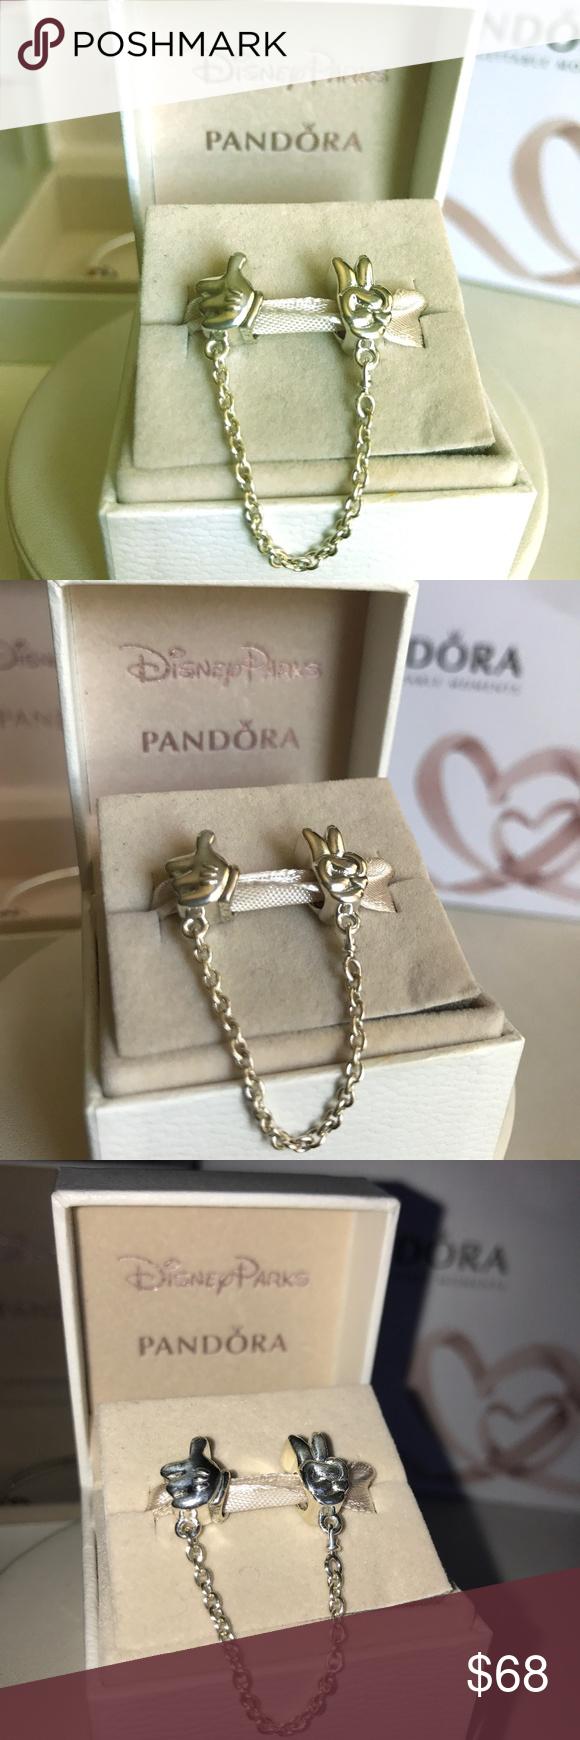 Pandora Disney Mickey Gestures Safety Chain Pandora